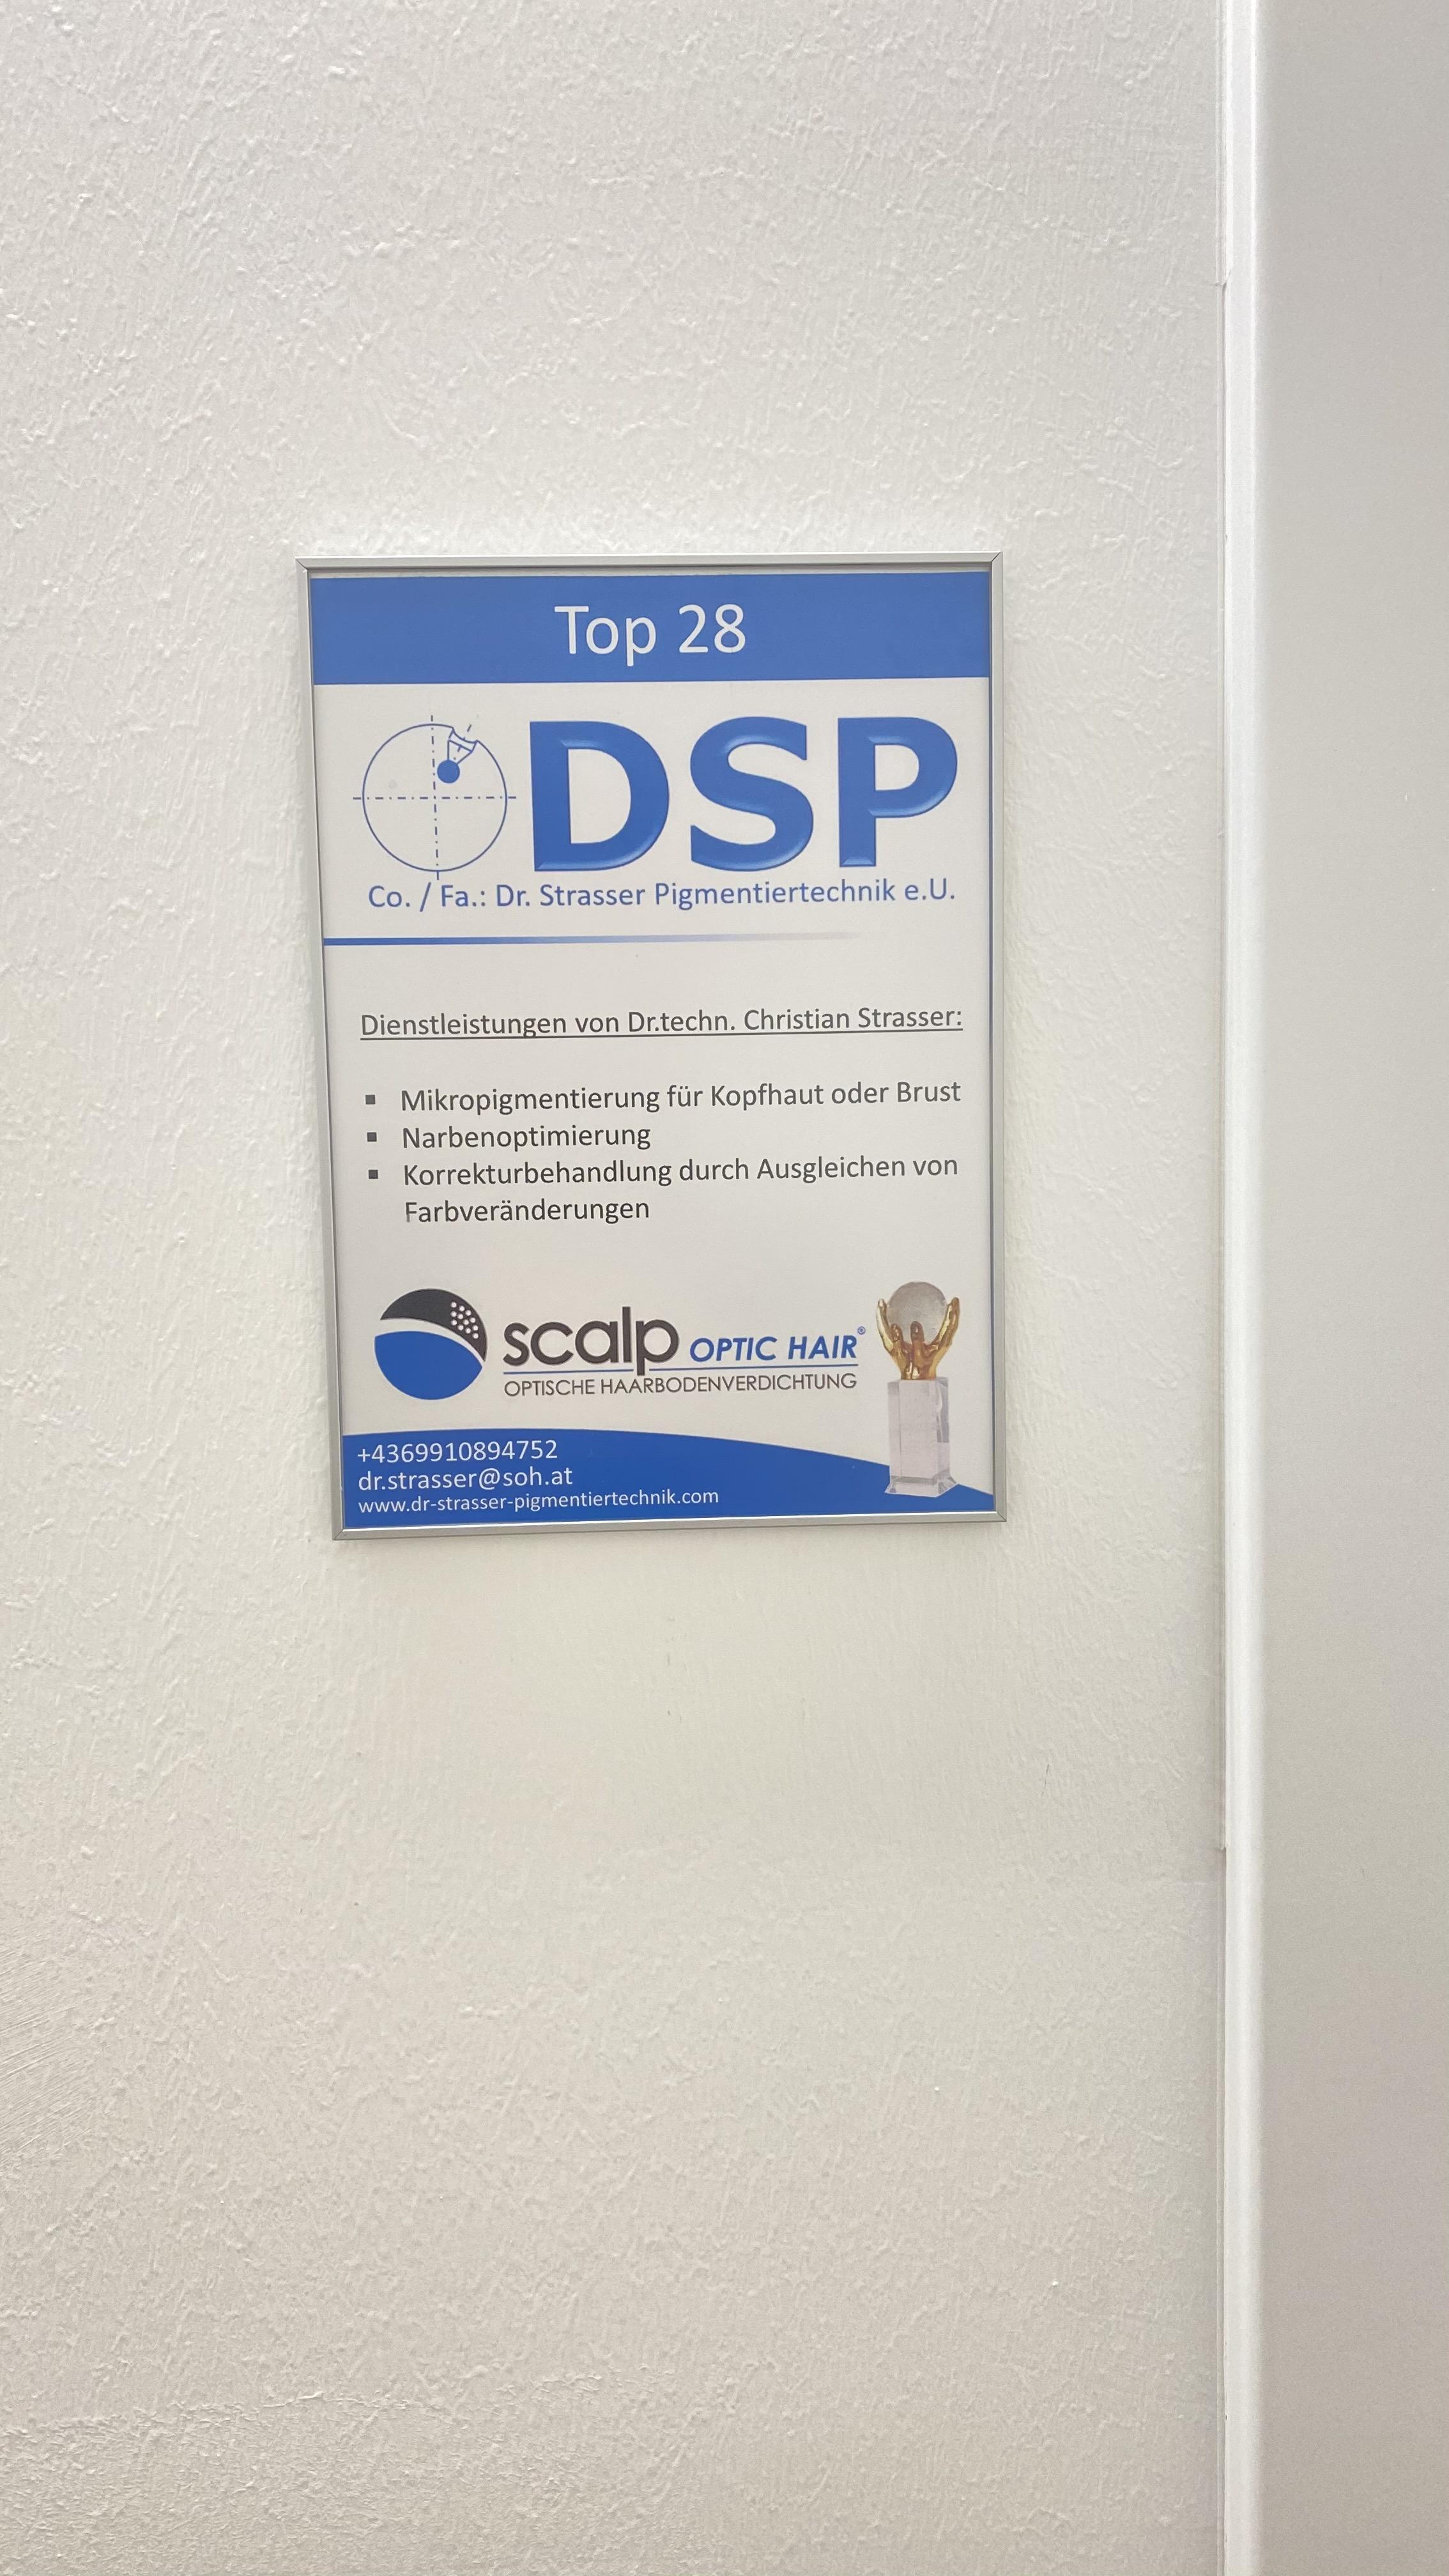 Dienstleistungen der Fa. DSP